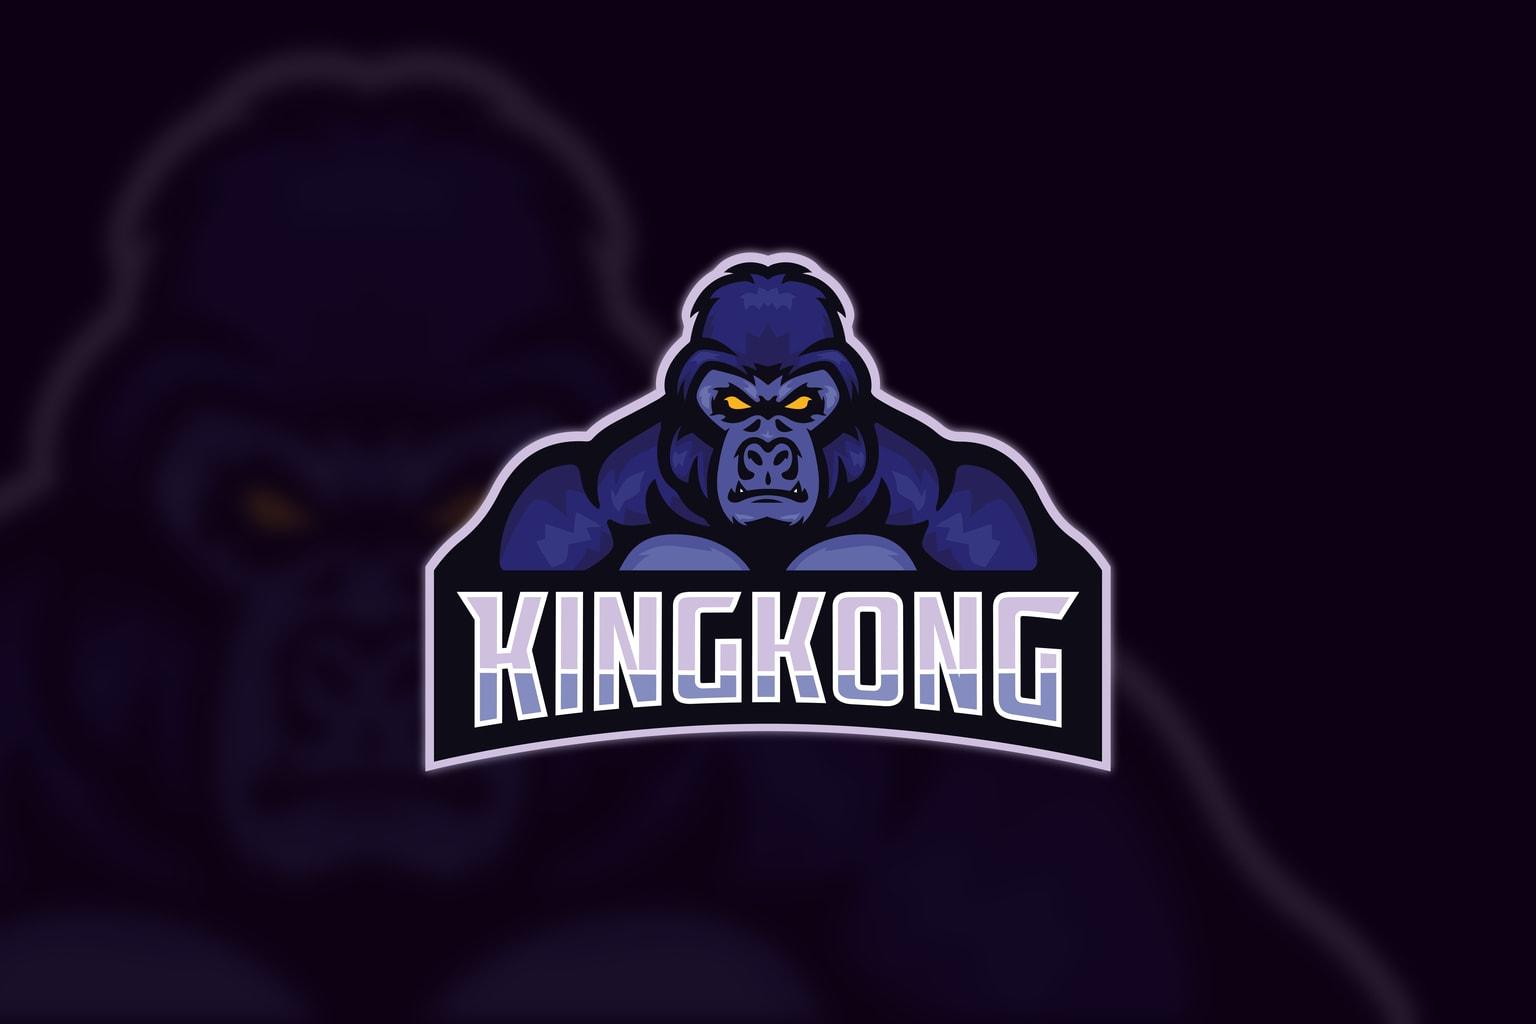 esport logo mad kingkong